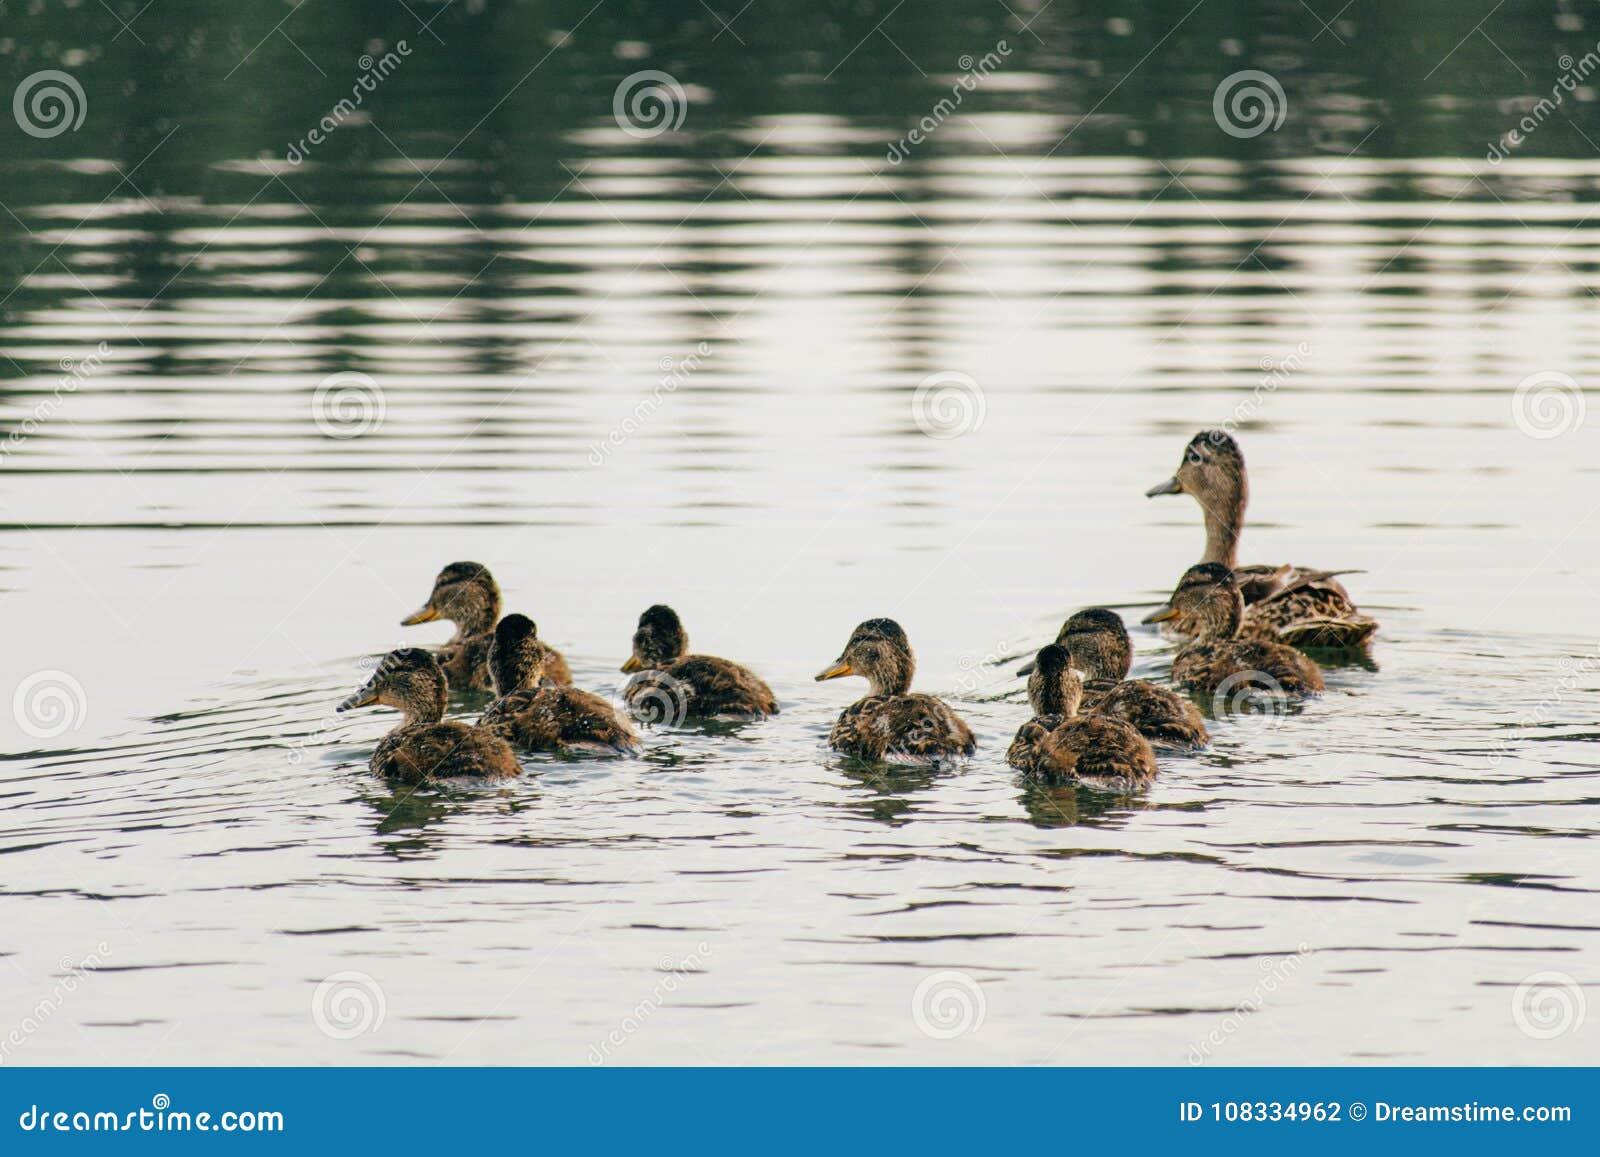 Le canard nage sur le lac avec des canetons dans une rangée